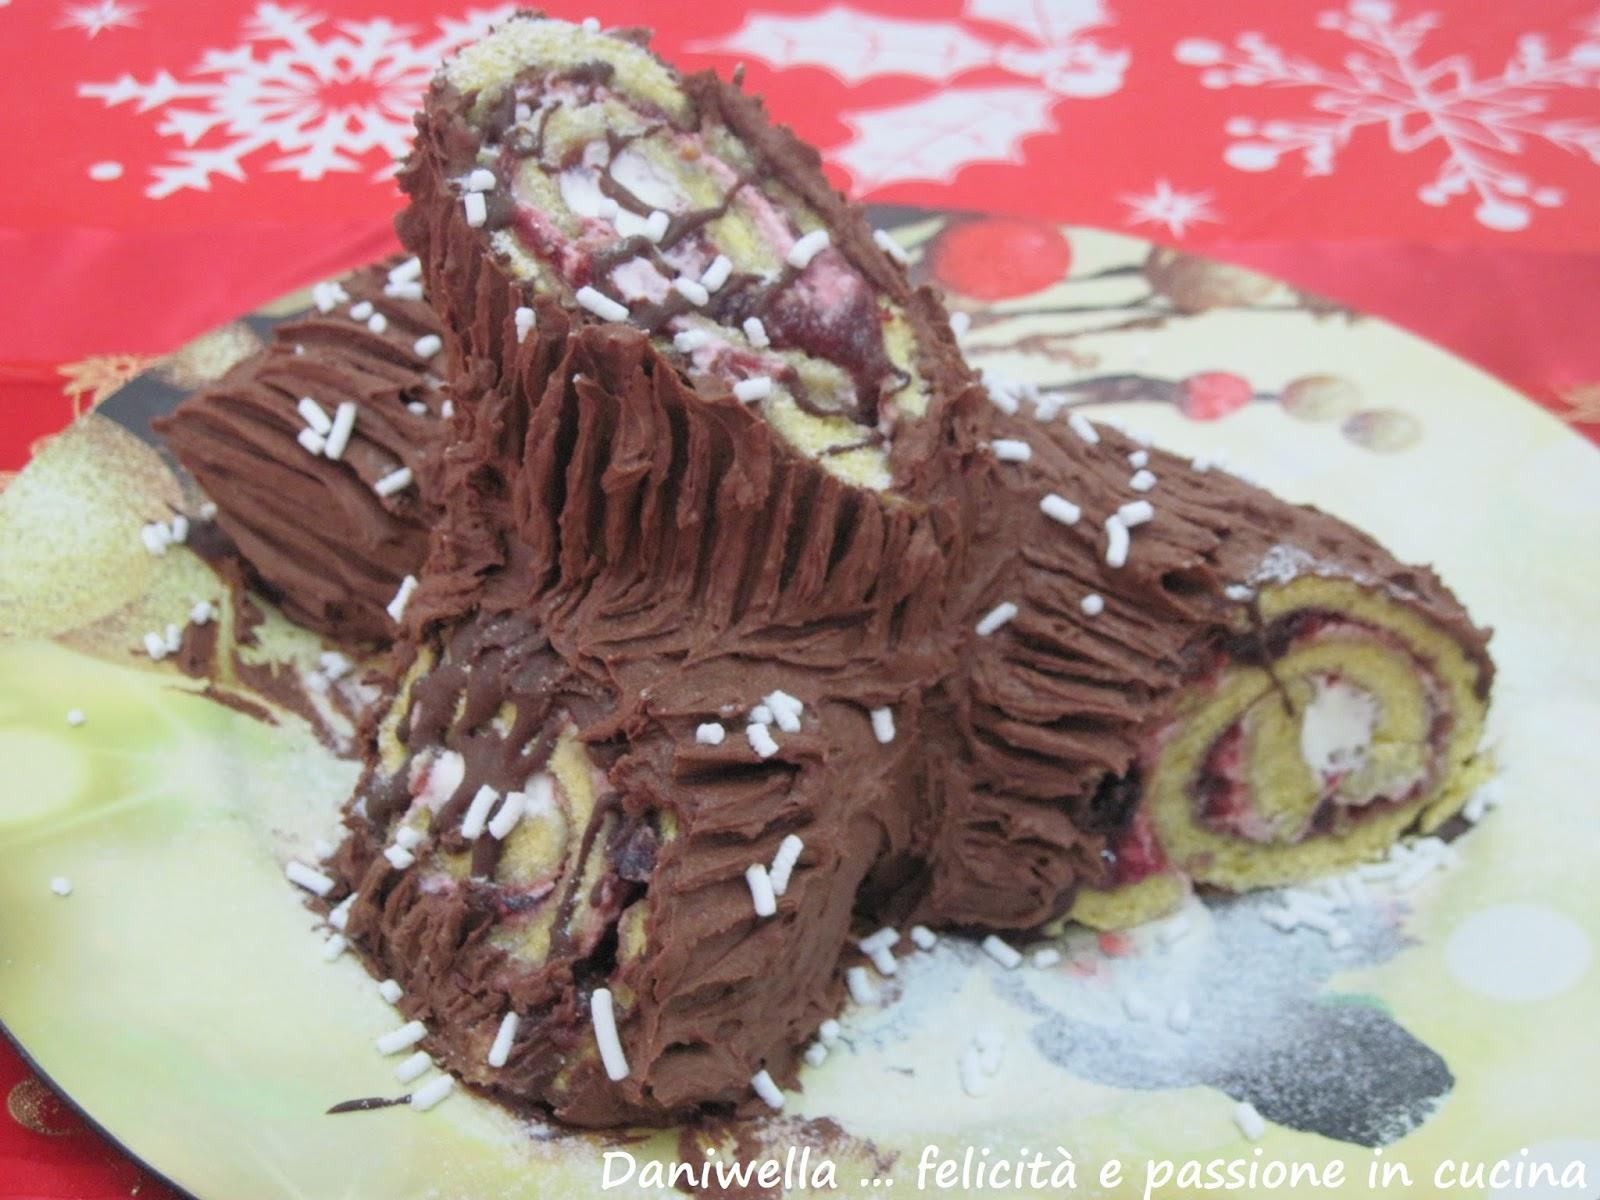 Ricetta Tronchetto Di Natale Per 10 Persone.Tronchetto Di Natale Buche De Noel Ricetta N 220 Daniwella